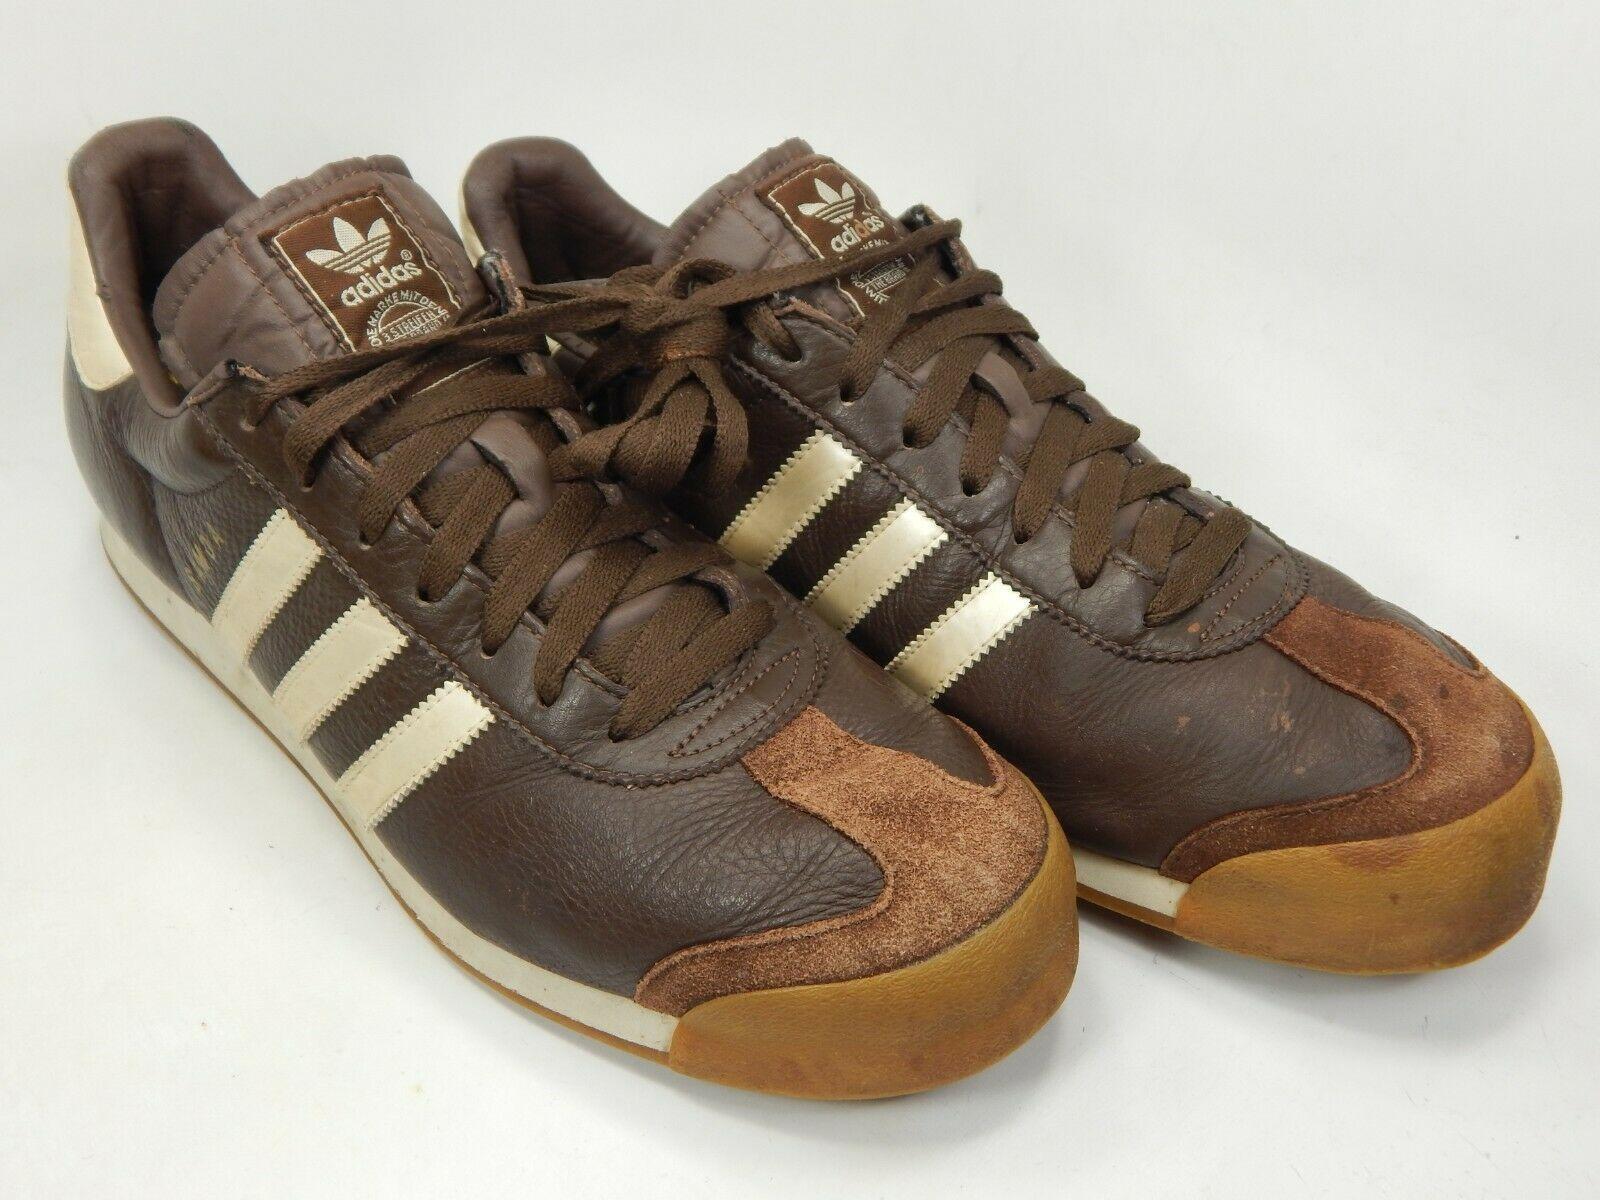 Adidas Samoa Größe US 12 M (D) Eu 46 2/3 Herren Freizeit Turnschuhe Braune image 2